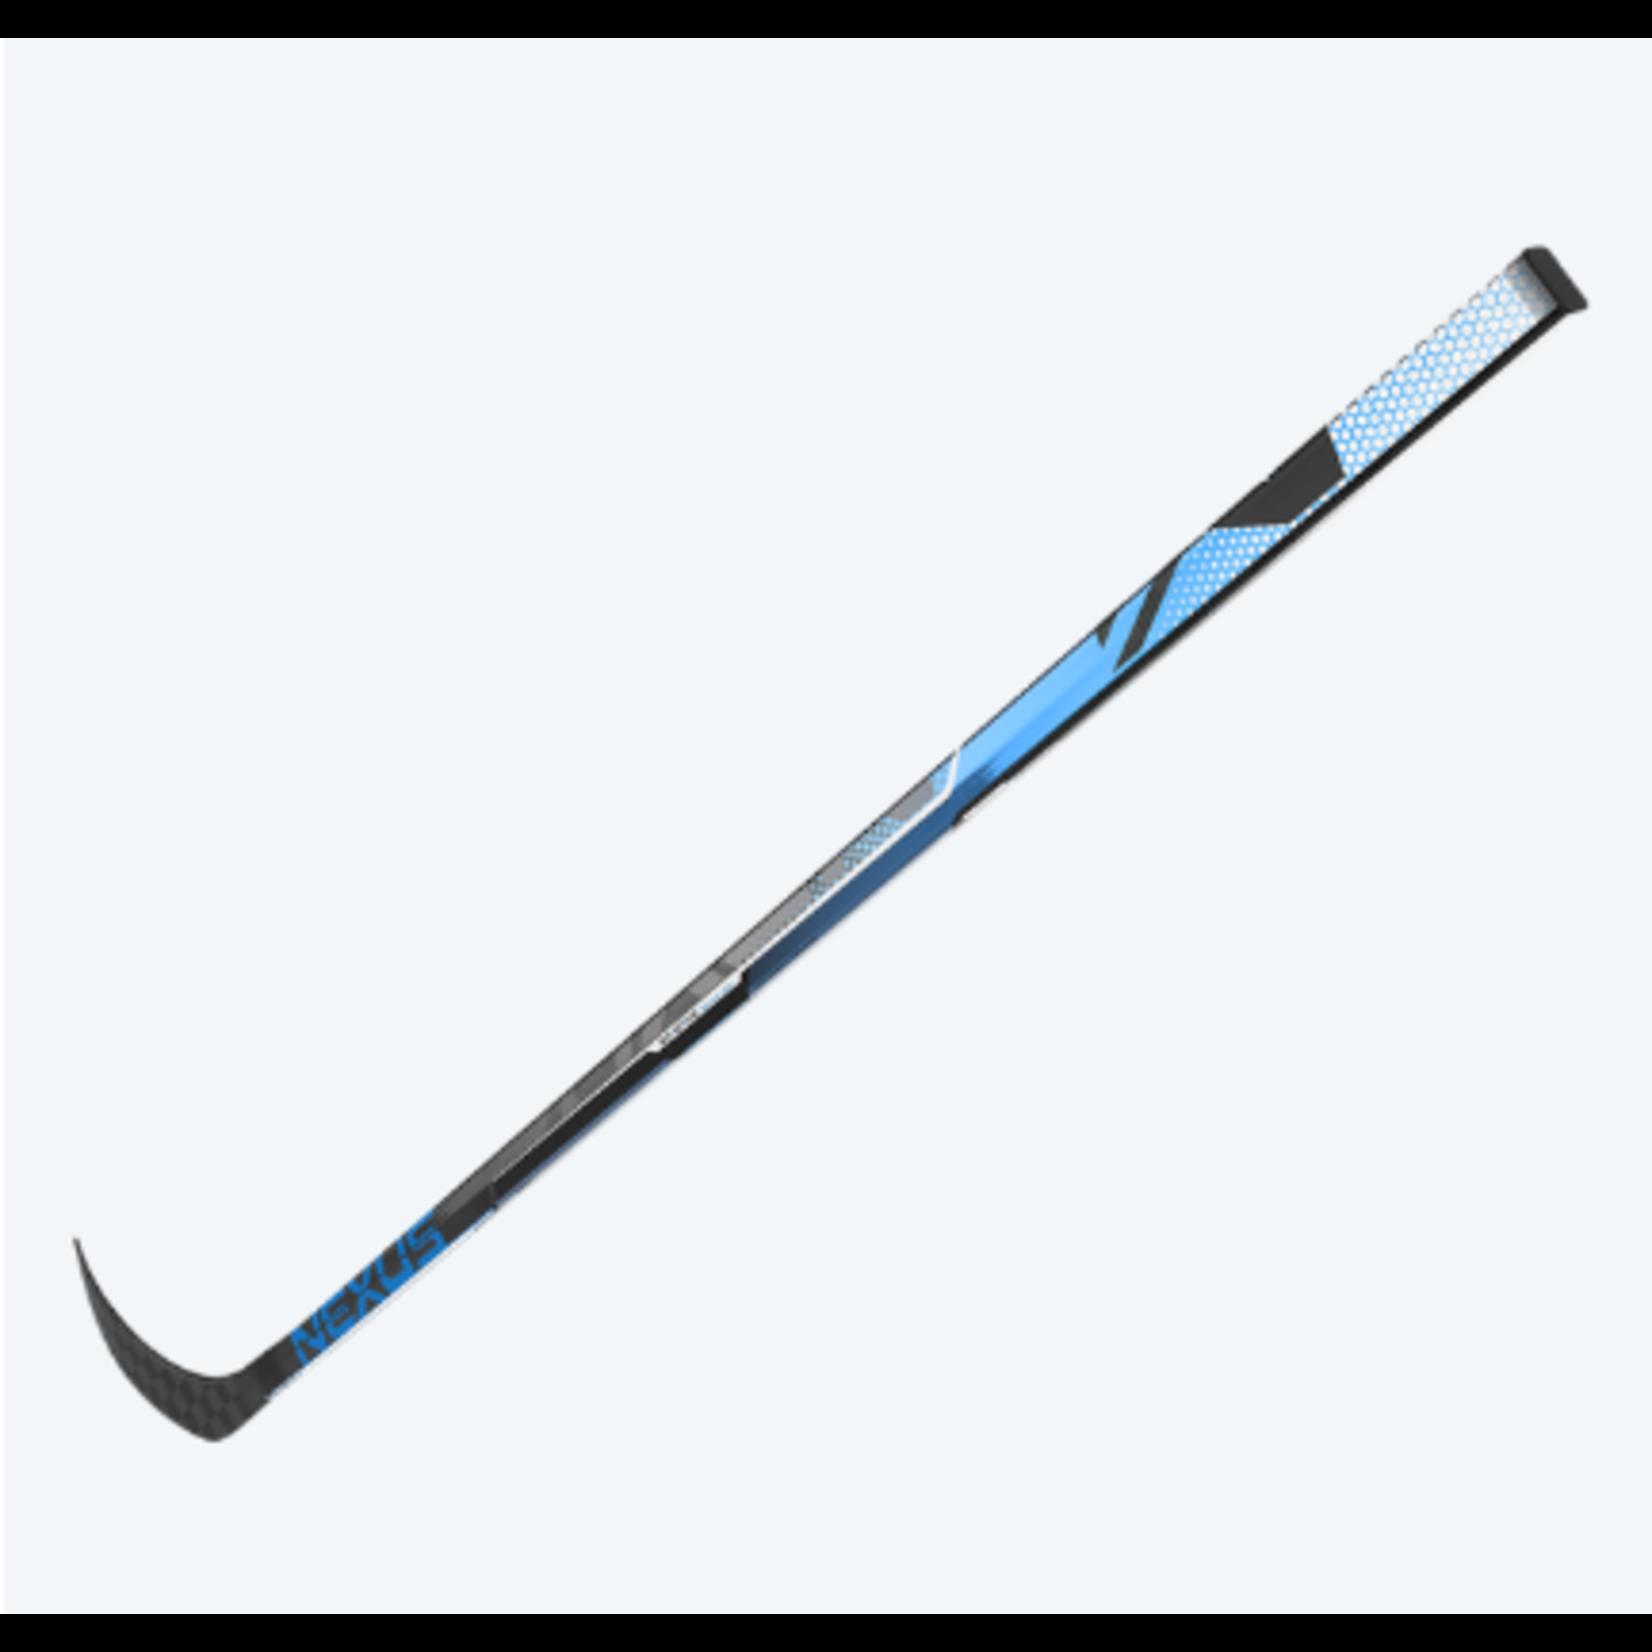 Bauer S21 Nexus 3N Pro Grip Stick Int - 65